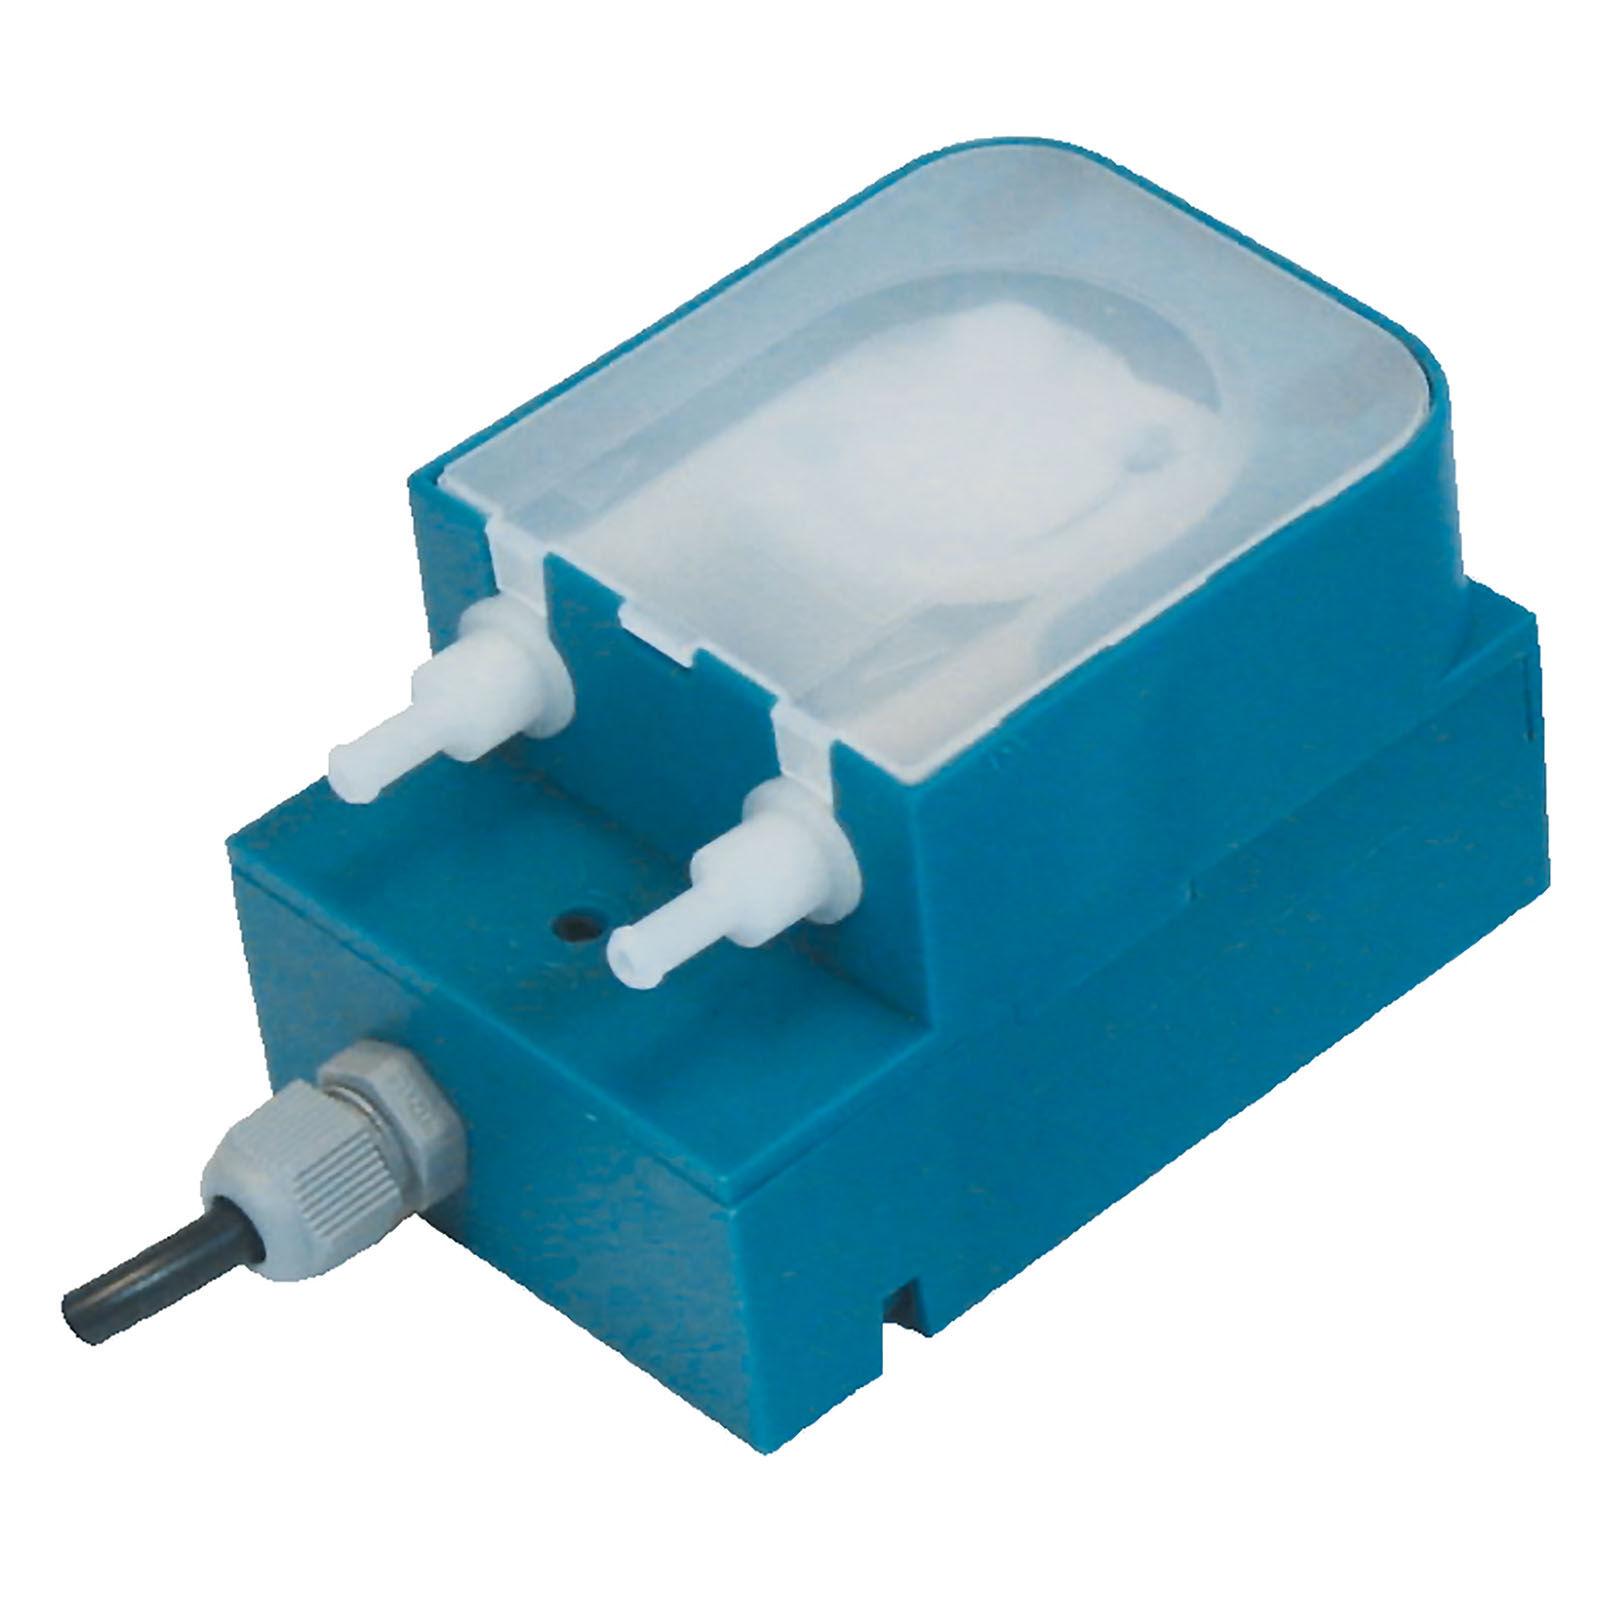 Bartscher Reinigerdosierpumpe TG280 10190054